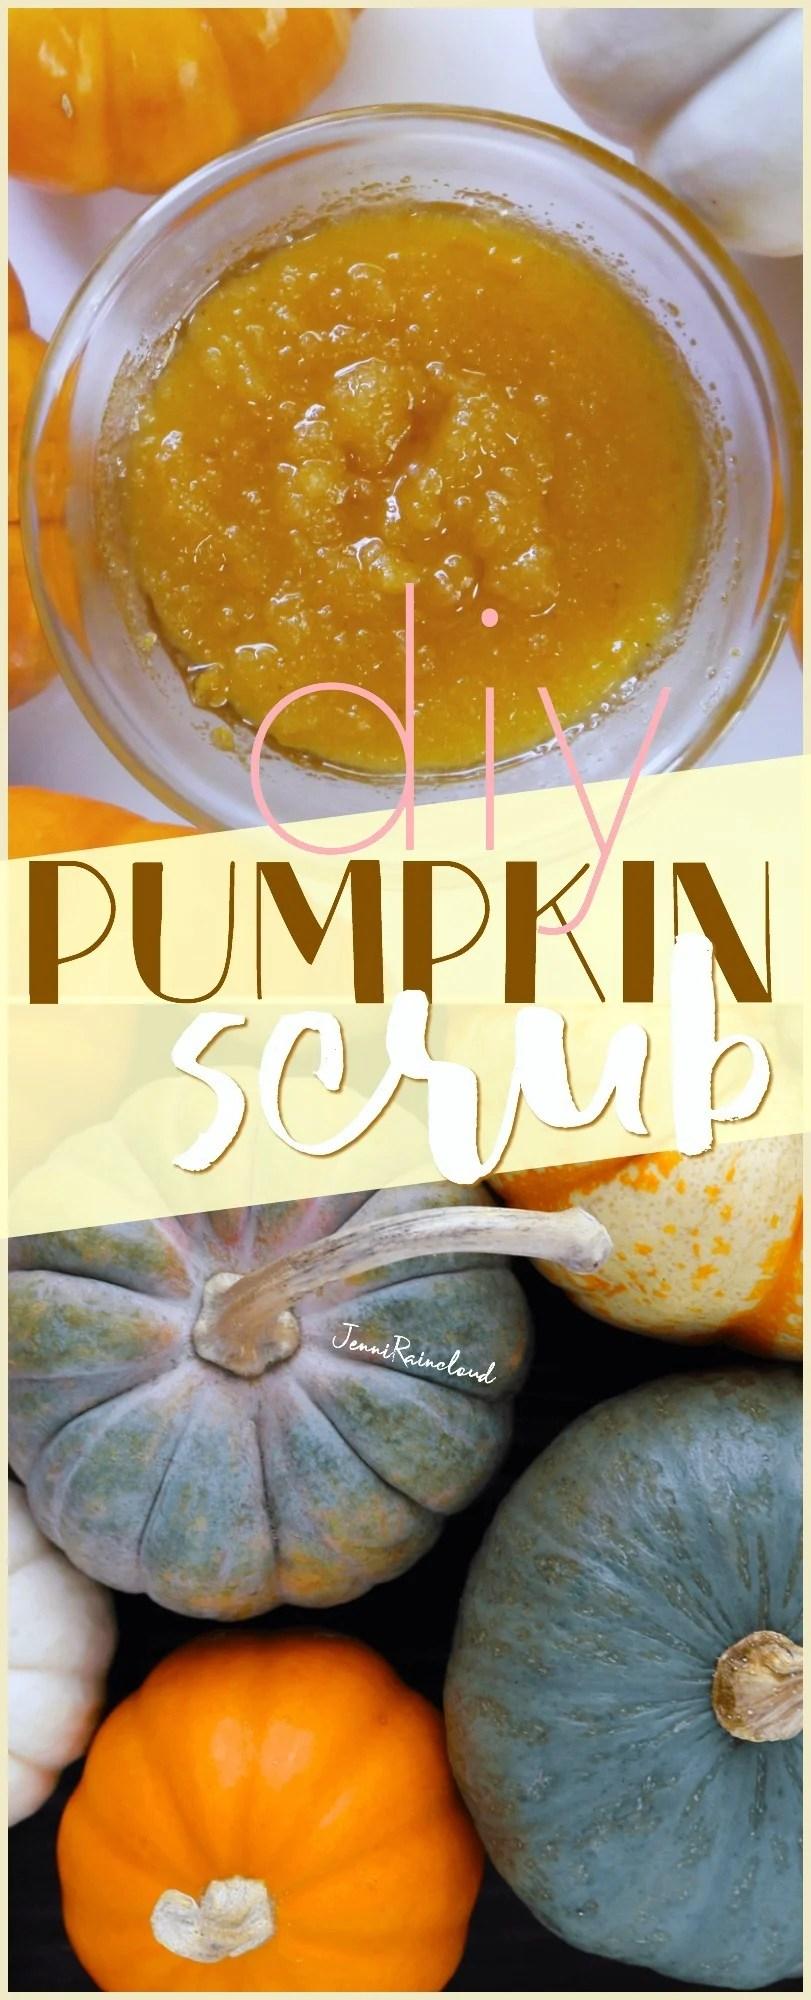 DIY Pumpkin Scrub